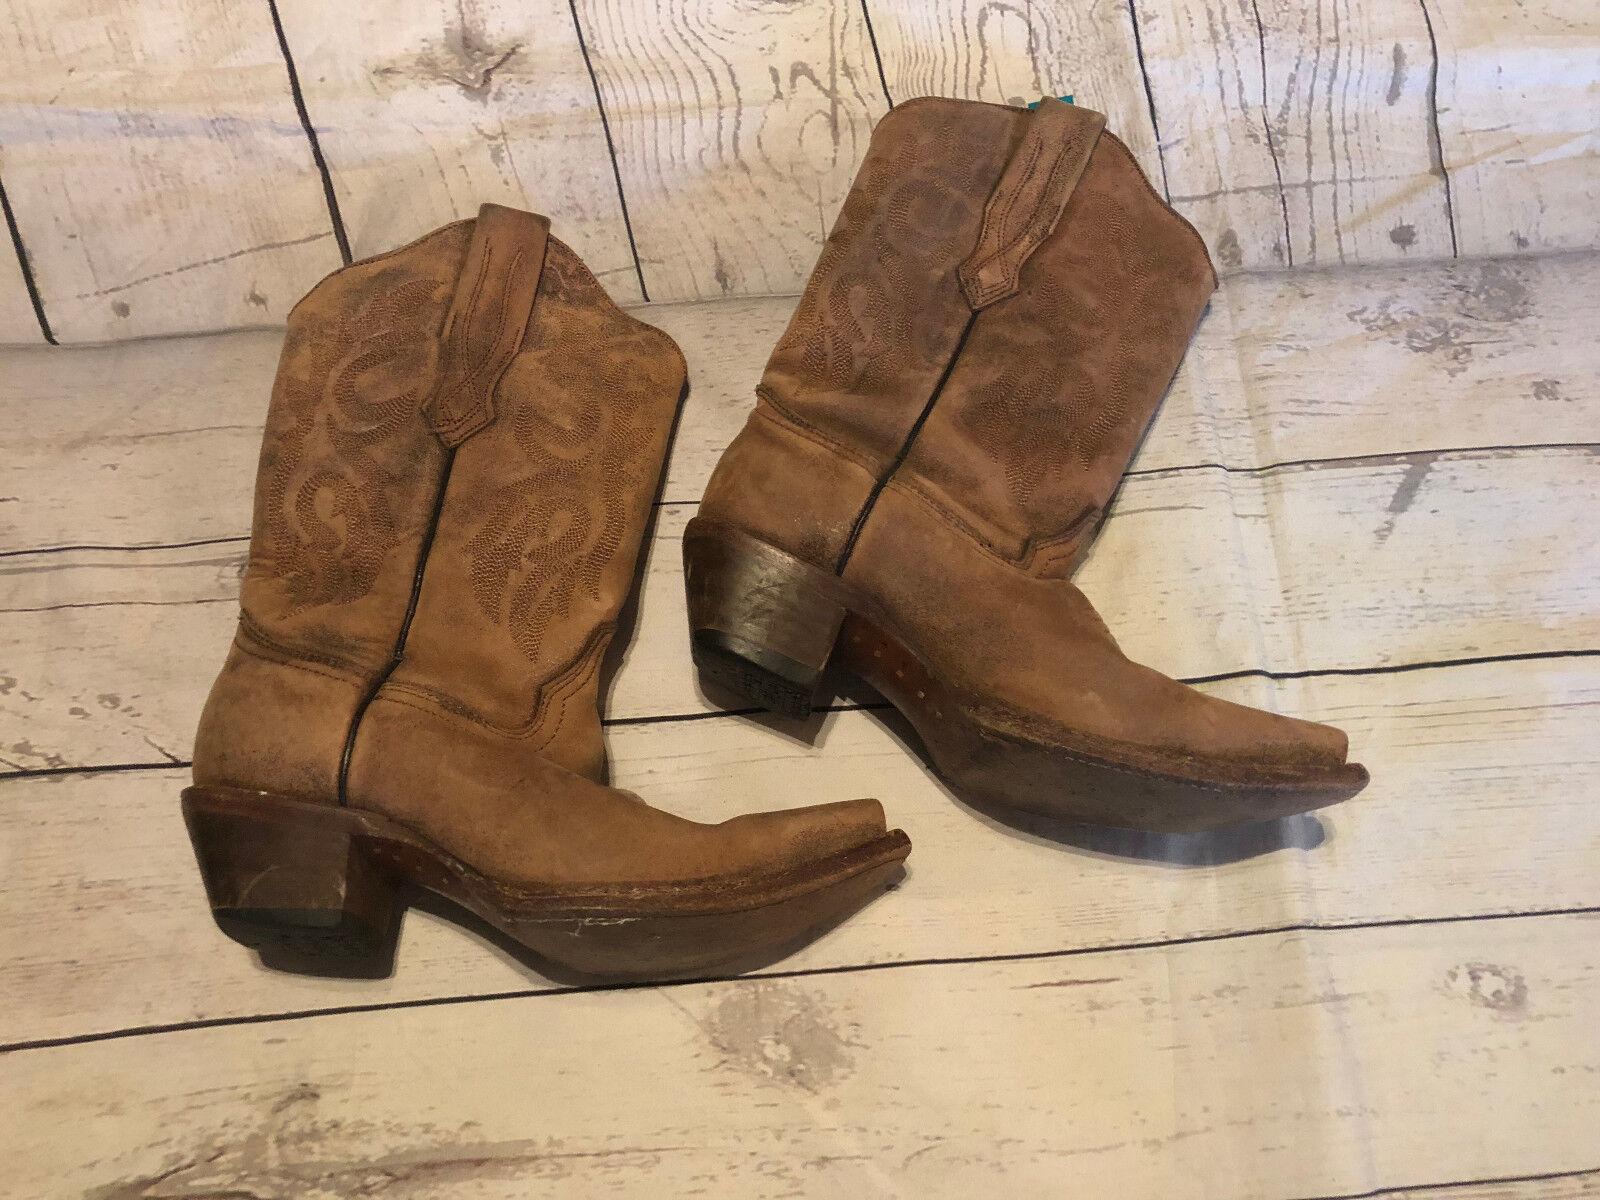 comodamente Corral Donna  Distressed Snip Snip Snip Toe Western stivali Dimensione 6M C2033 Cowgirl Marrone  risparmiare fino all'80%